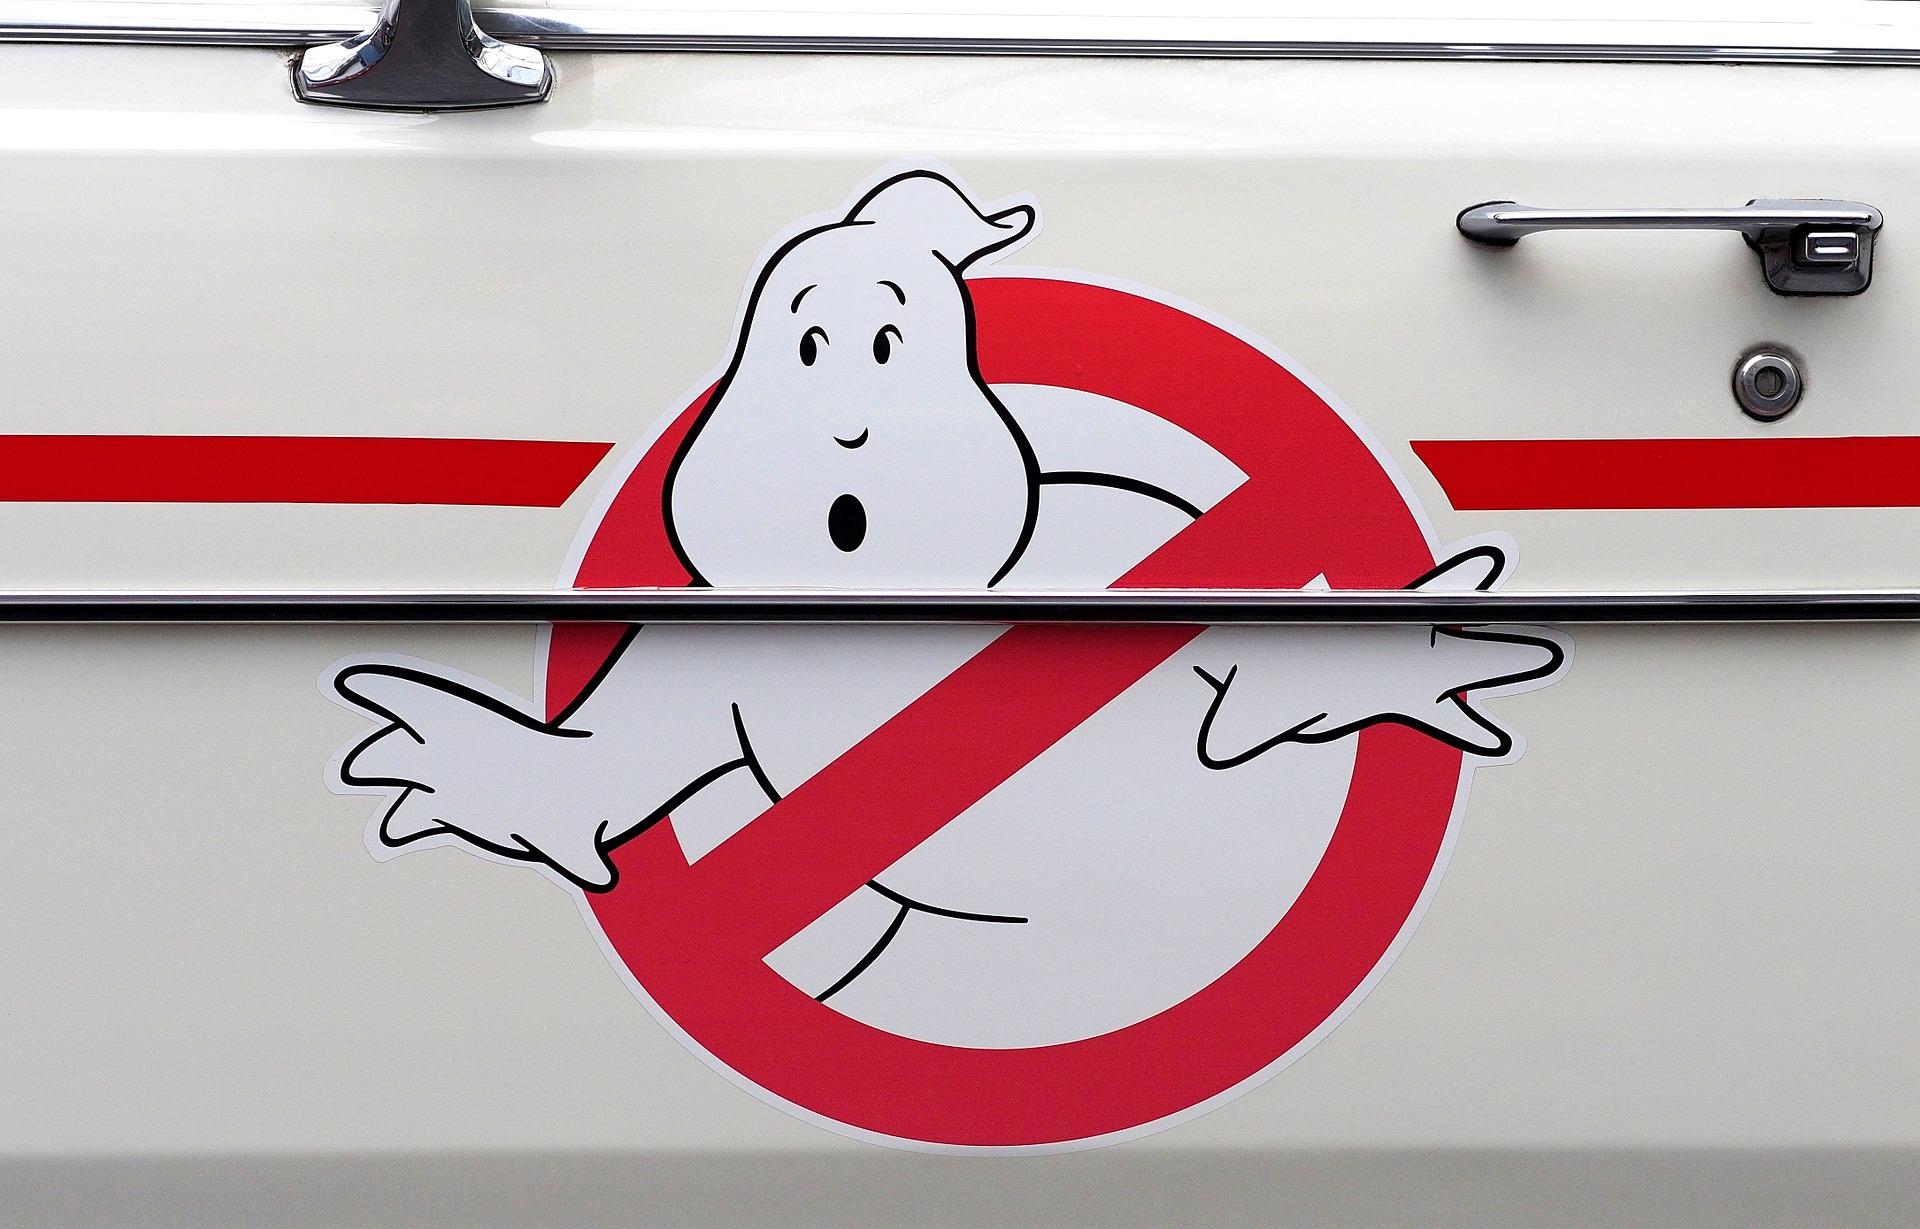 Охотники за привидениями, логотип, автомобиль, Кадиллак, Ностальгия - Обои HD - Профессор falken.com